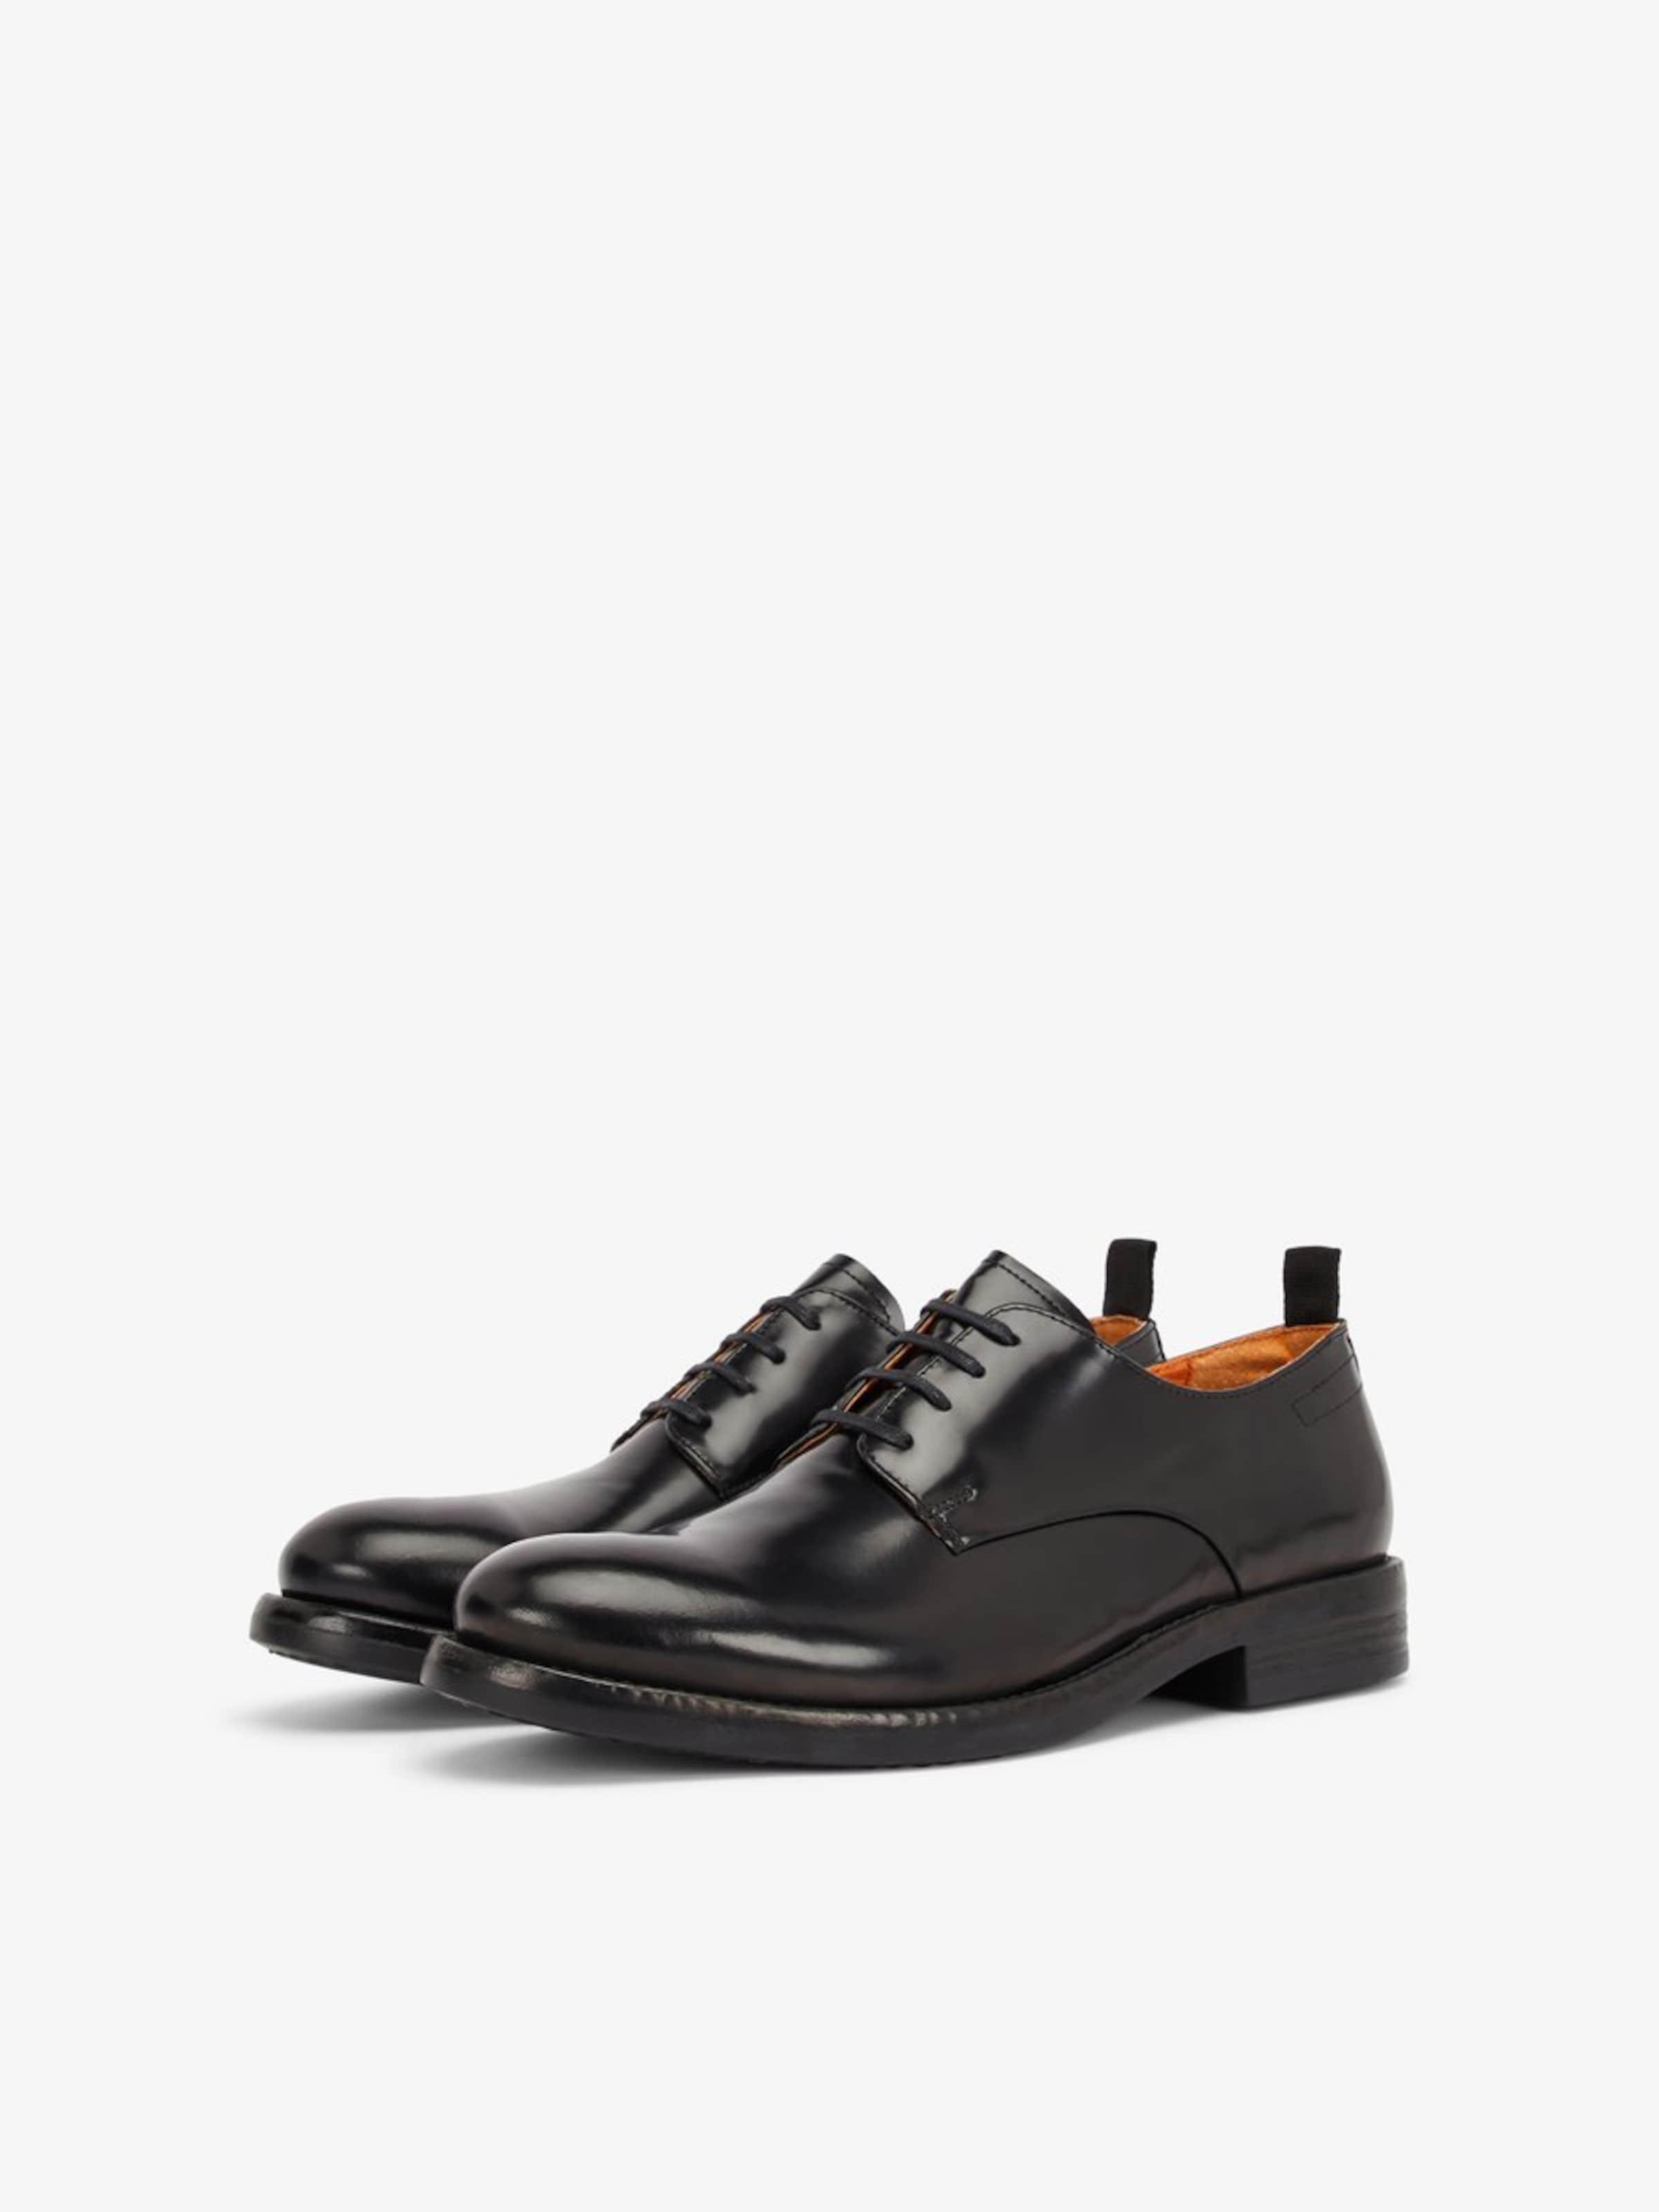 En Chaussure Bianco À Noir Lacets 'ace' jARL5q34